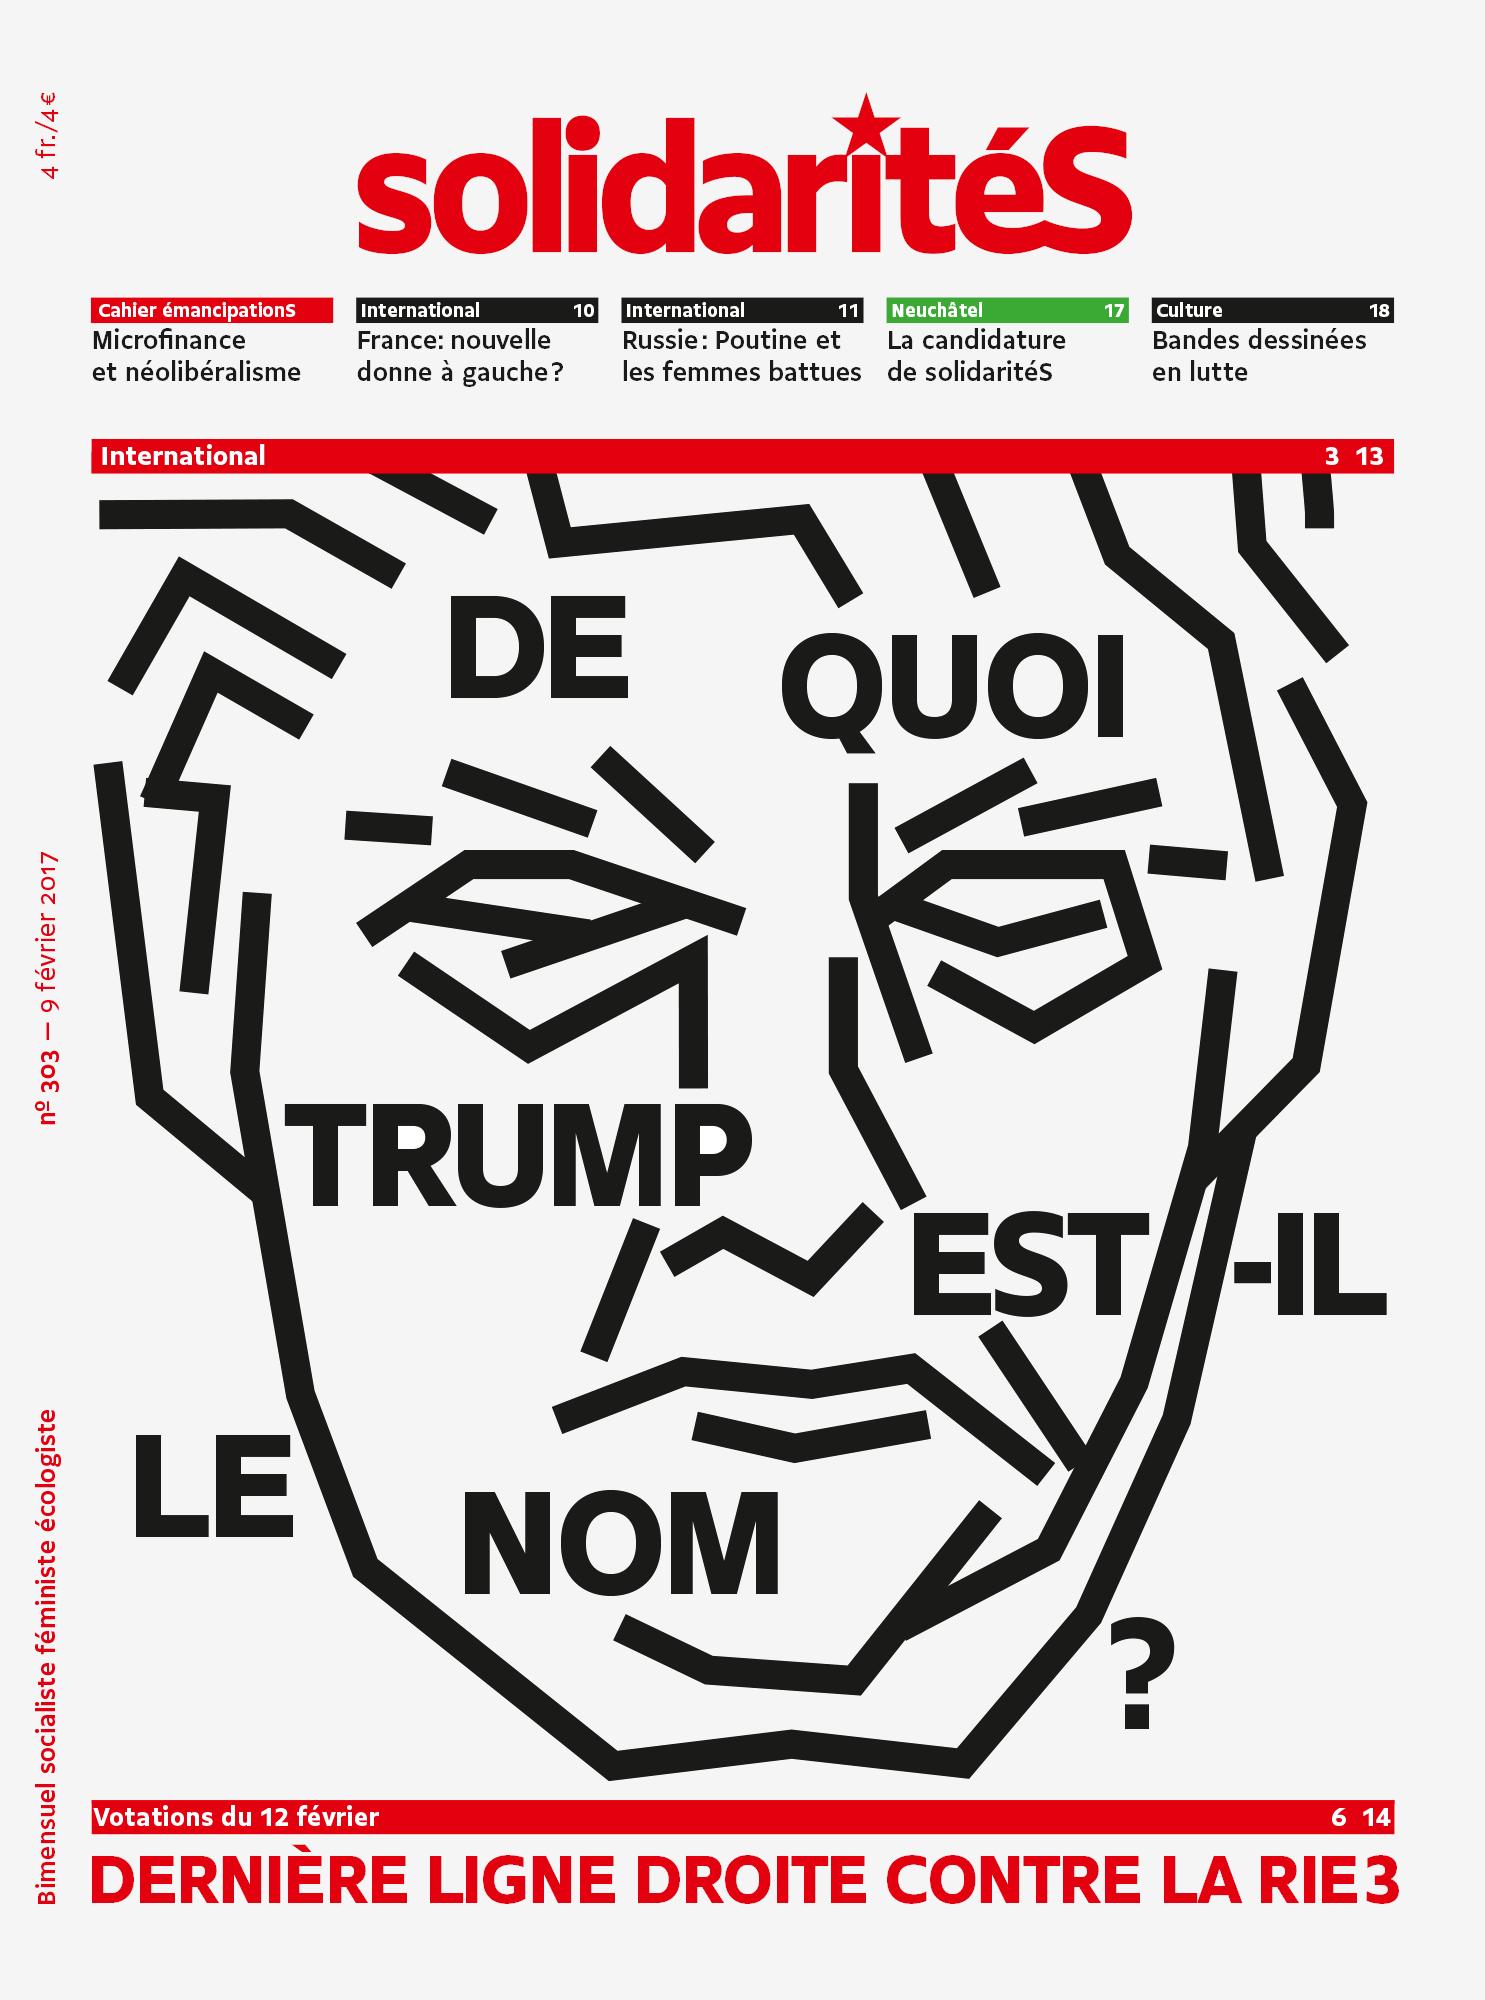 Couverture du numéro 303 du bimensuel solidaritéS